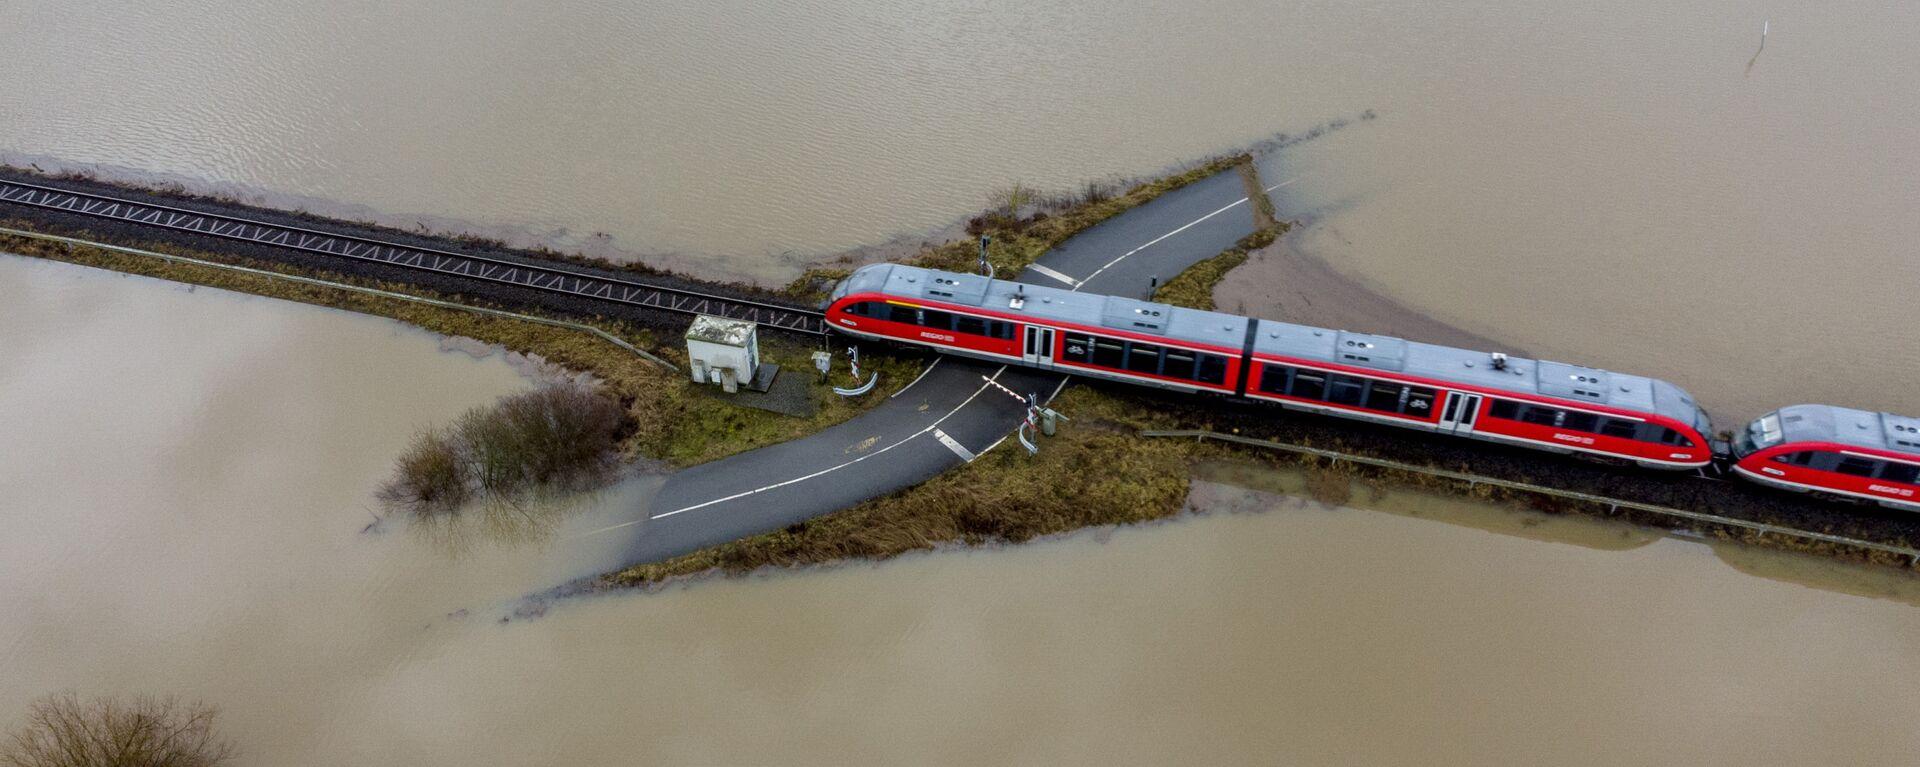 Поезд проезжает по железной дороге на затопленной местности в Германии  - Sputnik Таджикистан, 1920, 30.06.2021